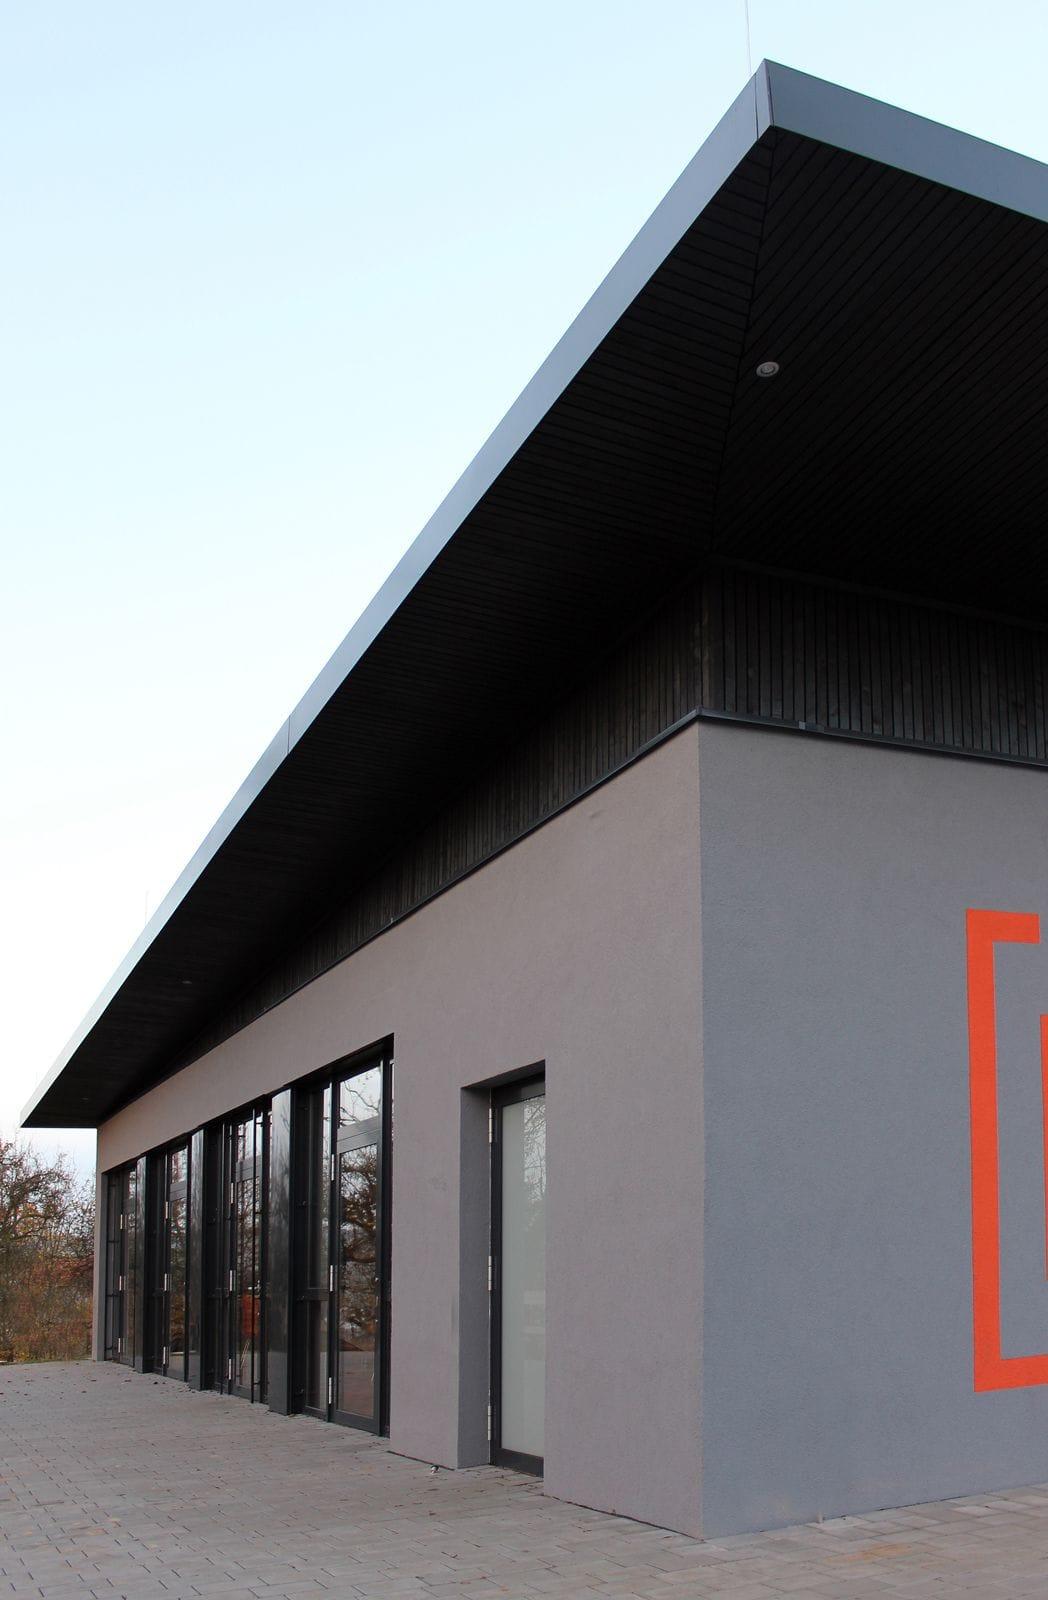 Neubau Schulgebäude mit Mensa in modularer Bauweise | Perspektive